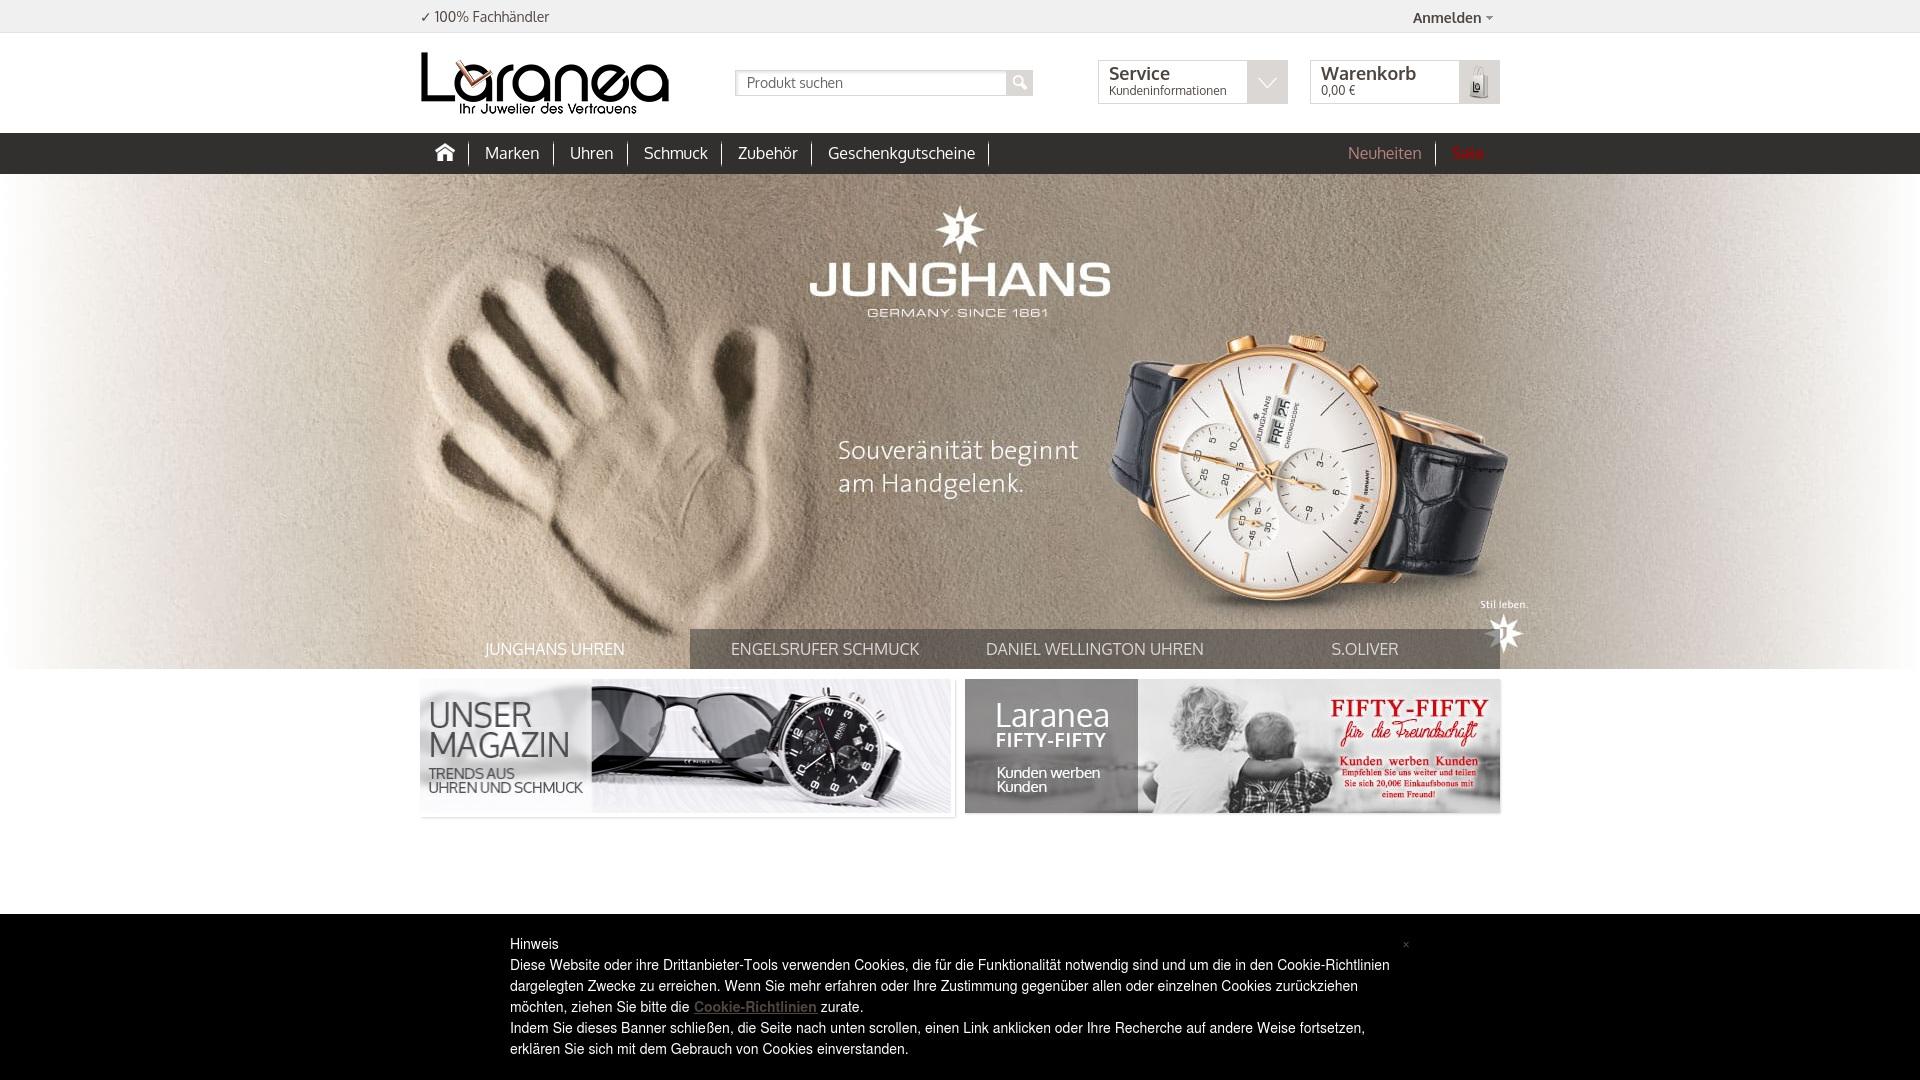 Gutschein für Laranea: Rabatte für  Laranea sichern